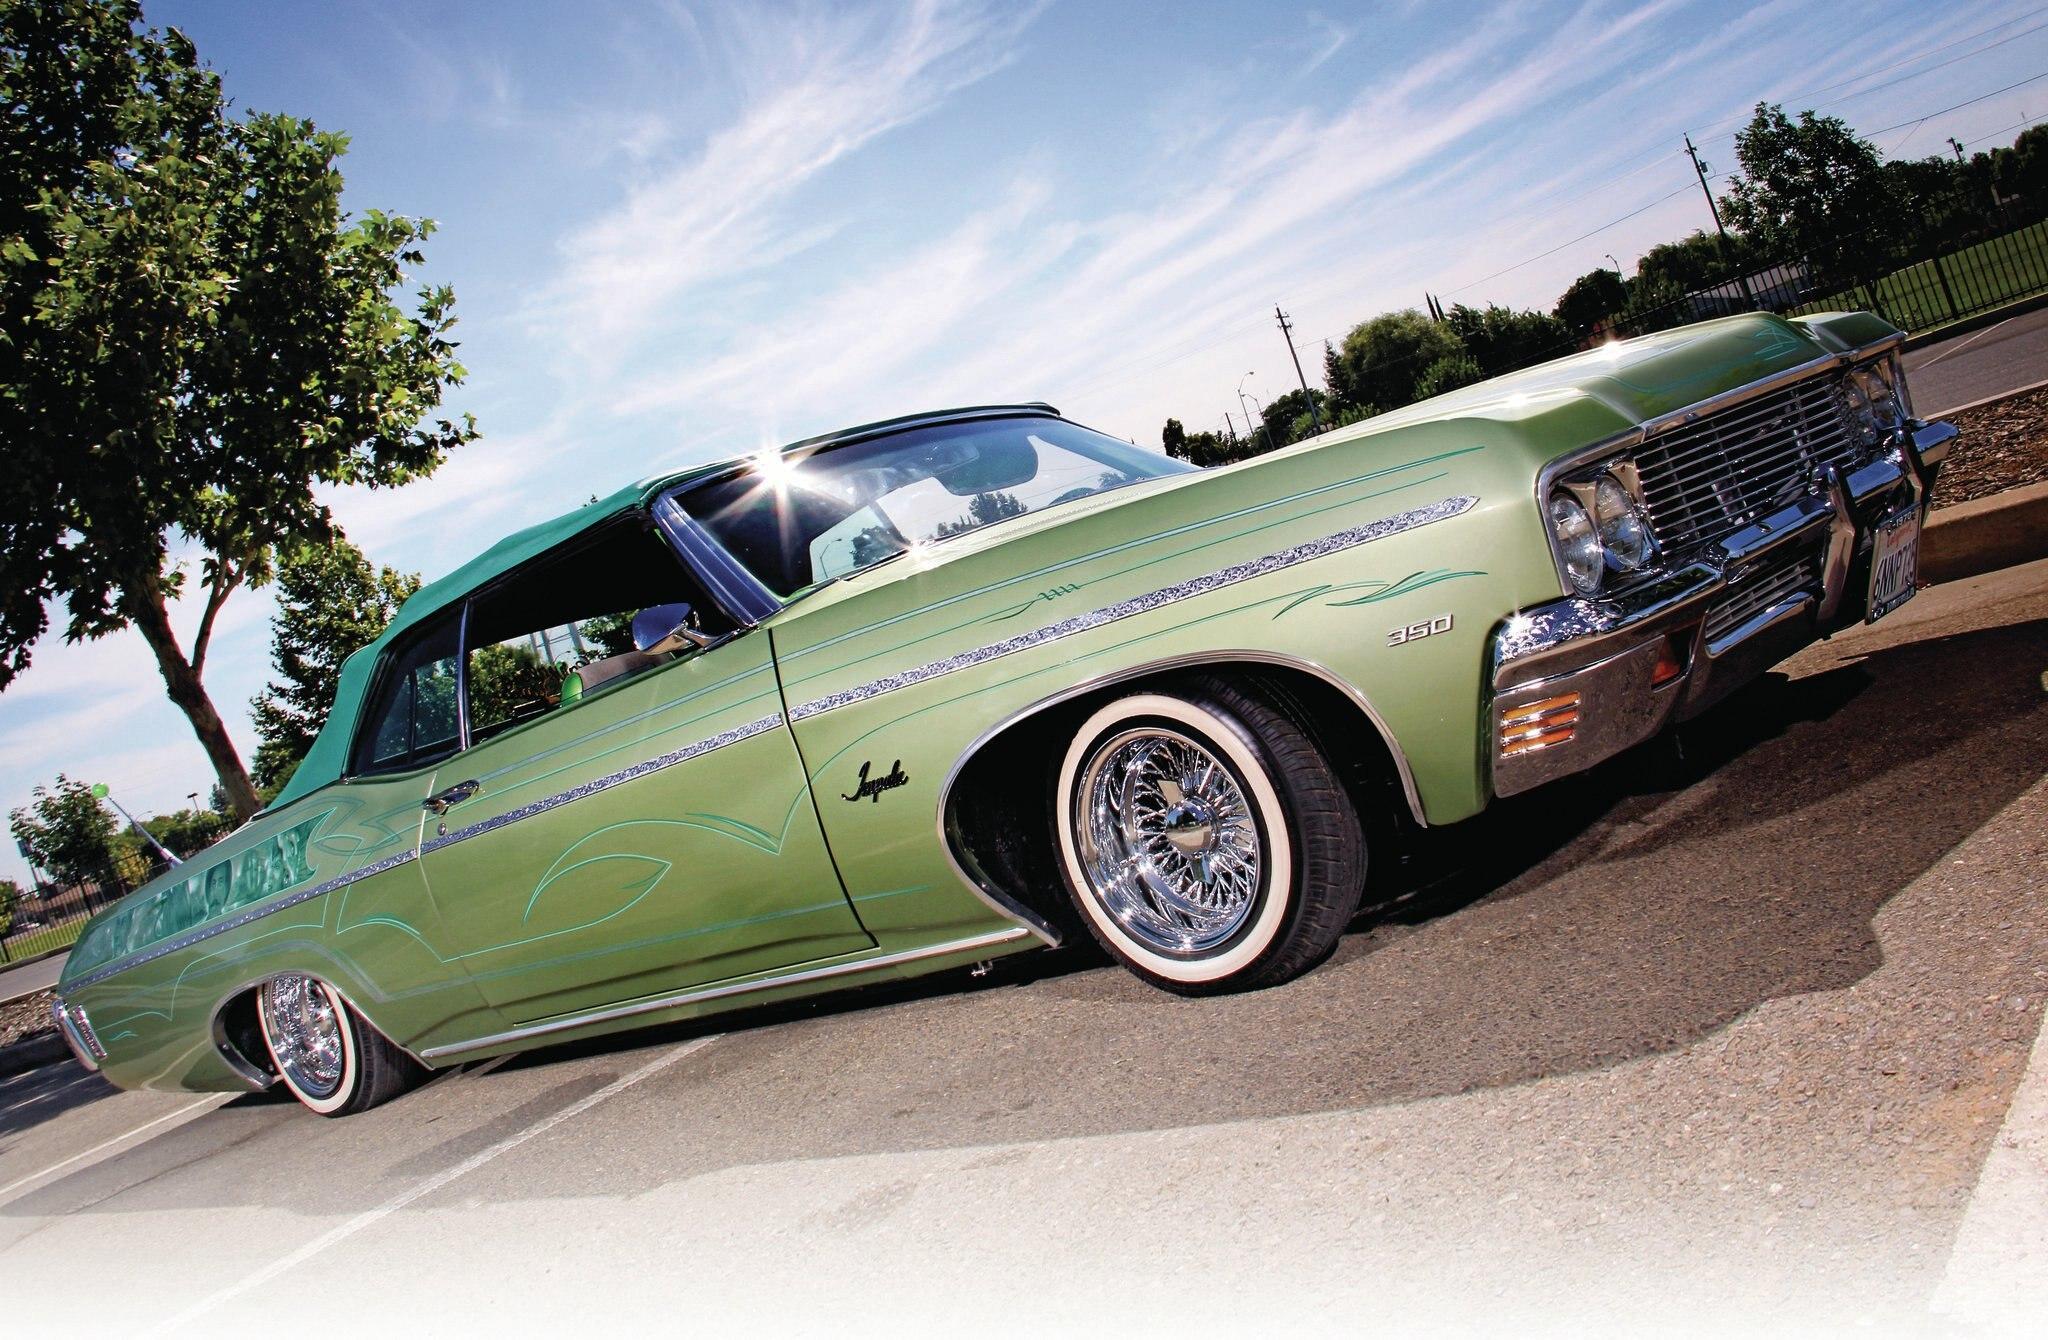 1970 chevrolet impala convertible los jefes los 221 sciox Images